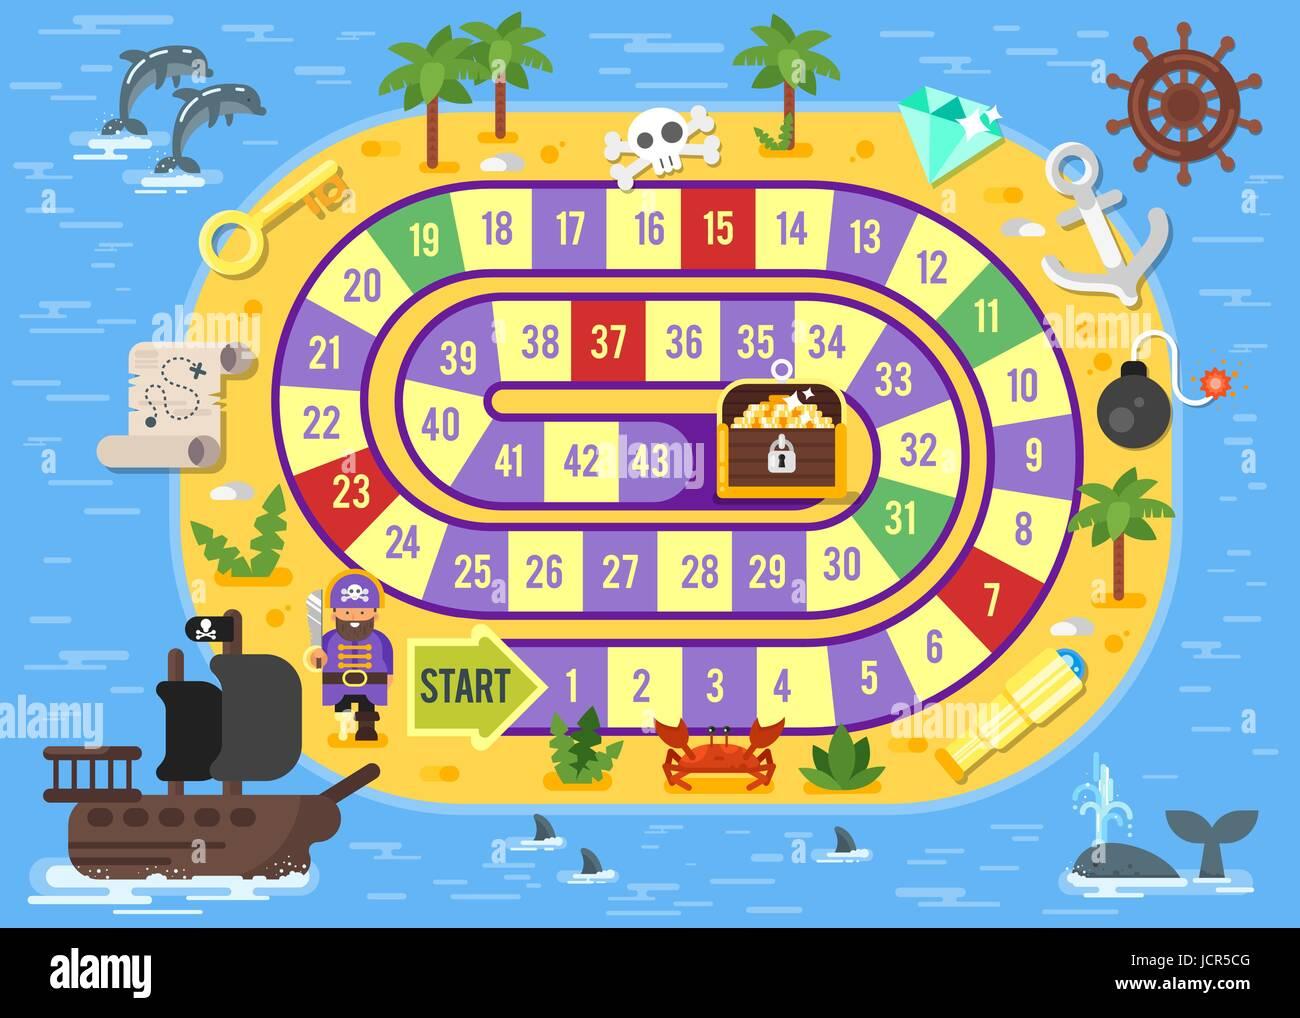 Flache Vektorgrafik Kinder Piraten Brettspiel Vorlage Für Den Druck